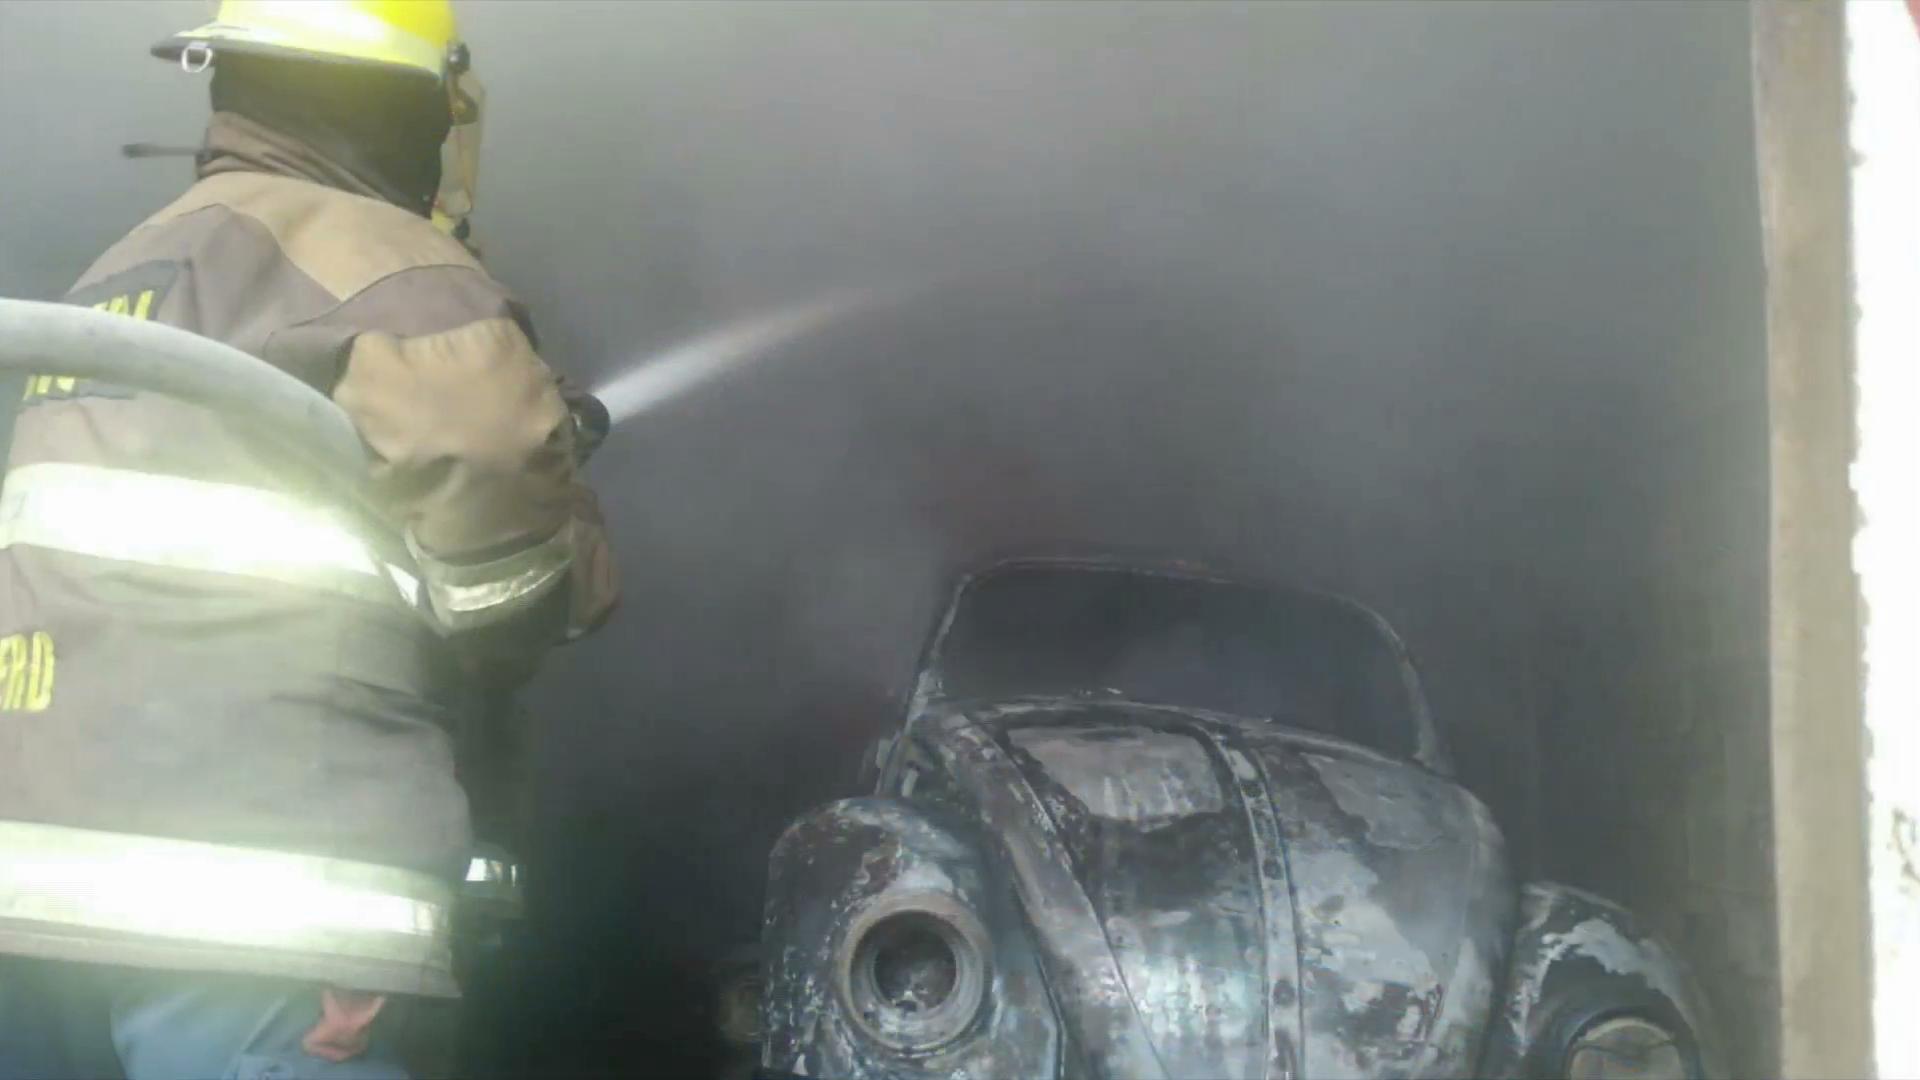 Incendio en taller mecánico alarma a vecinos en Córdoba